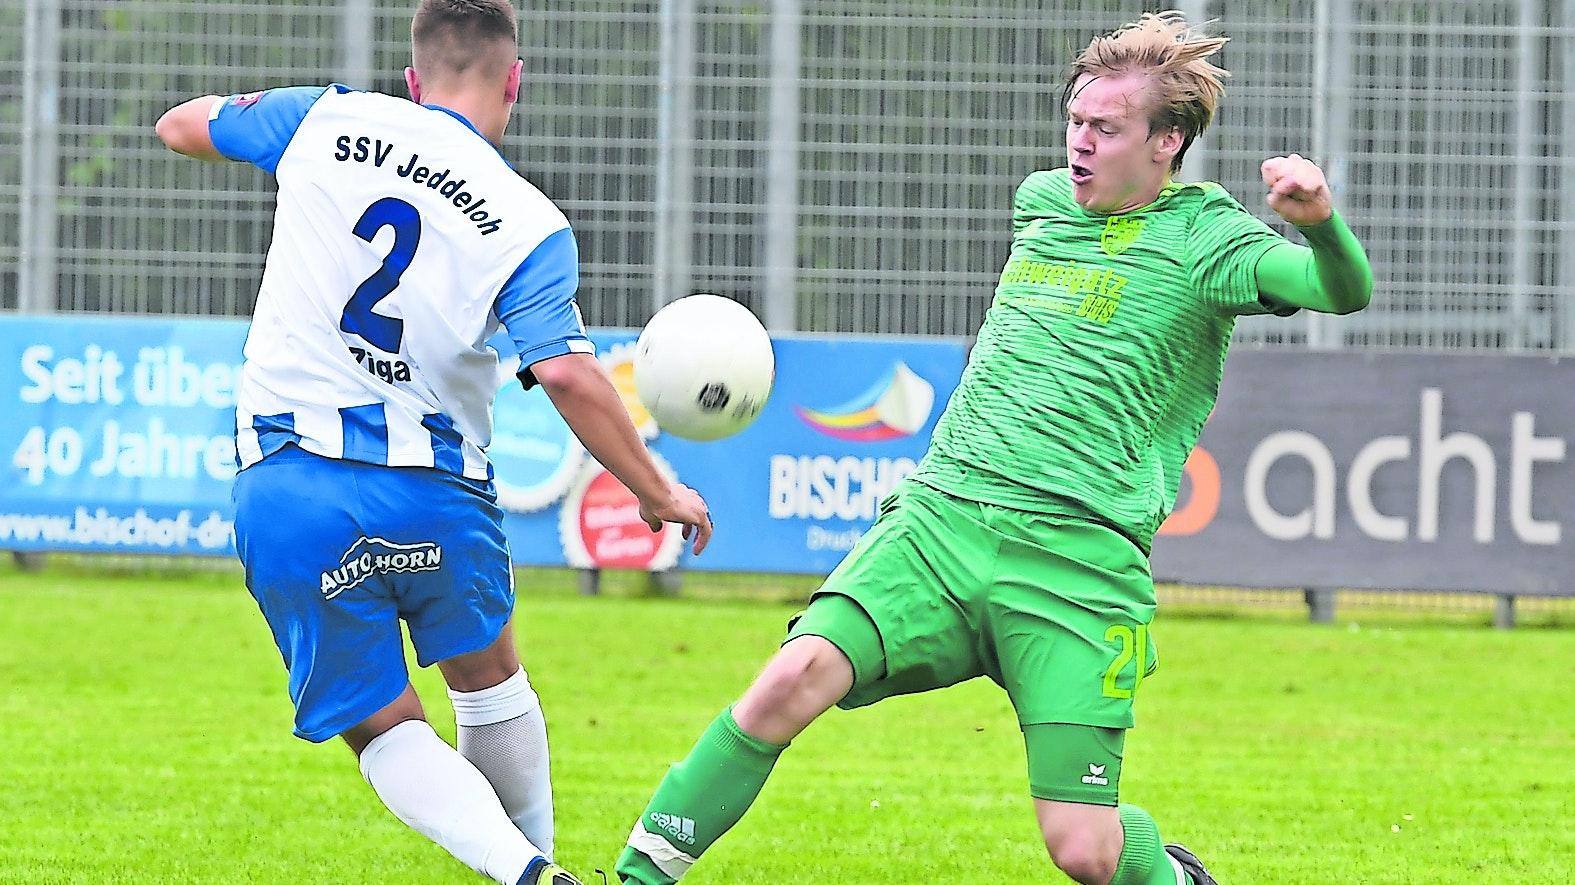 Aktivposten: Friesoythes Neuzugang Keven Oltmer (rechts) dürfte für den Landesliga-Aufsteiger zu einer echten Verstärkung werden. Foto: Wulfers